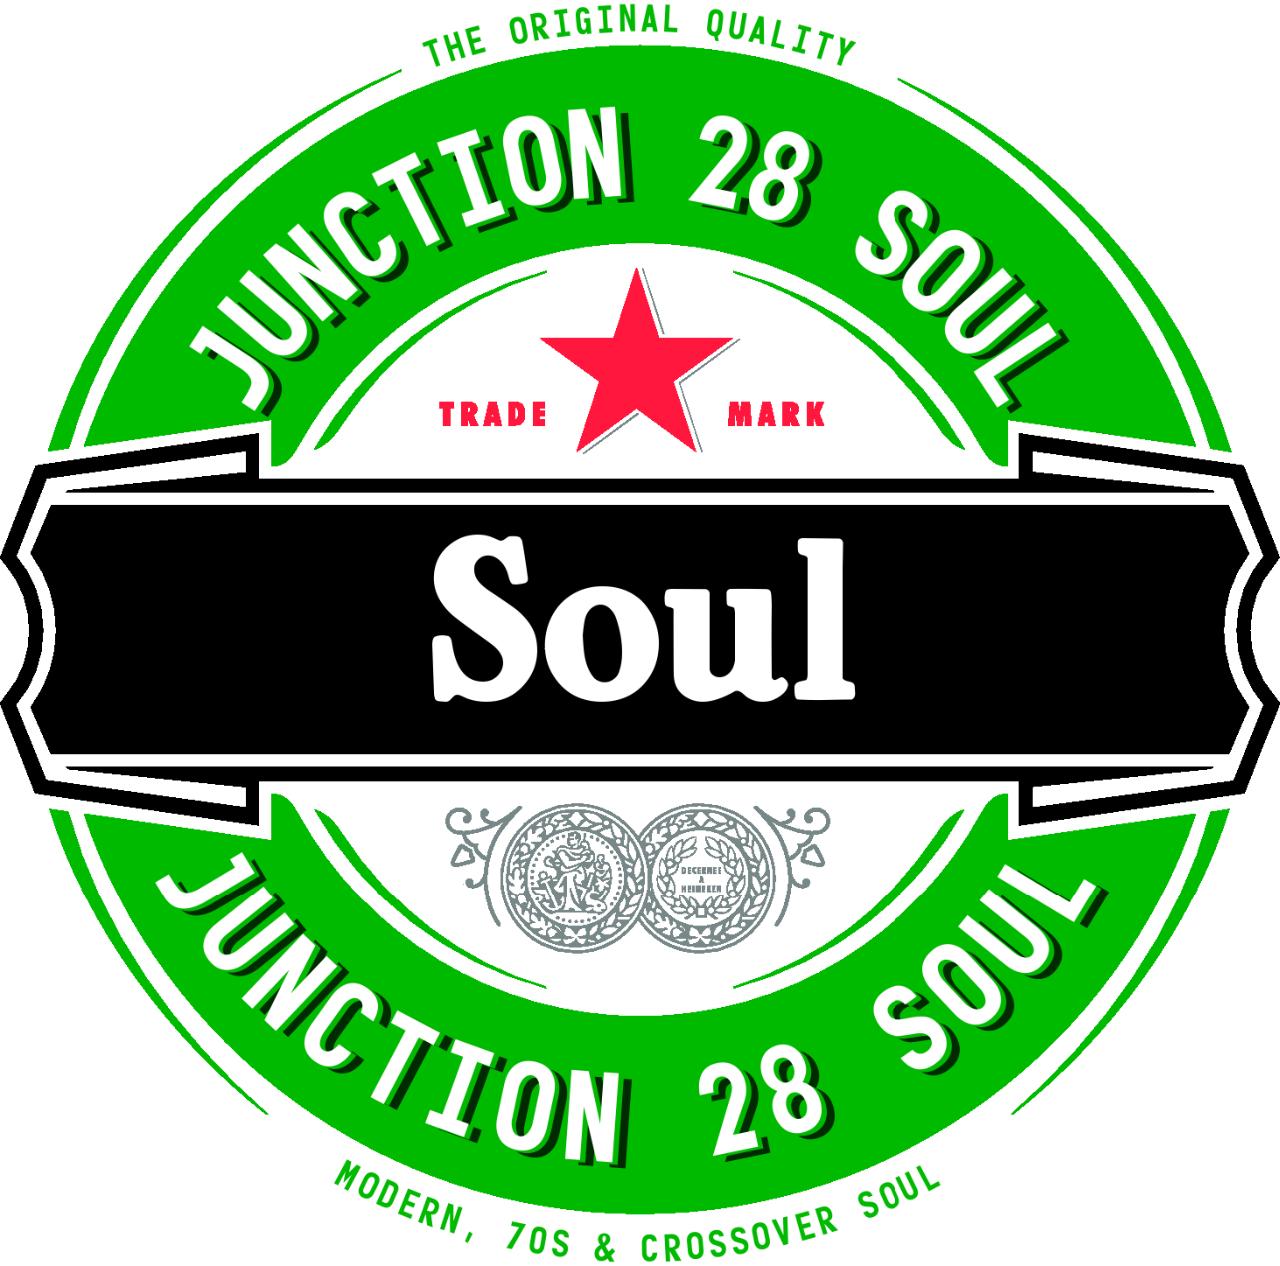 Junction 28 Soul flyer